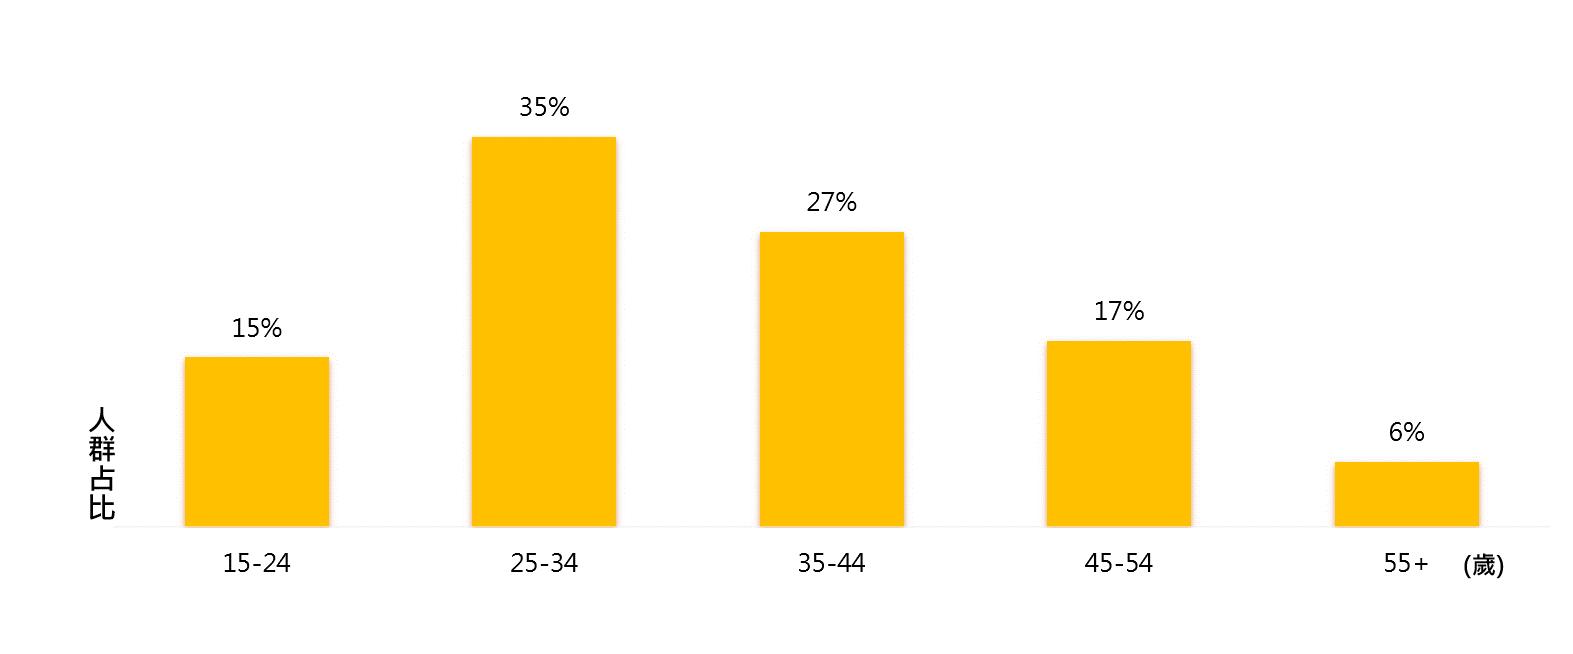 ▲三大保養品關注者 整體年齡占比長條圖